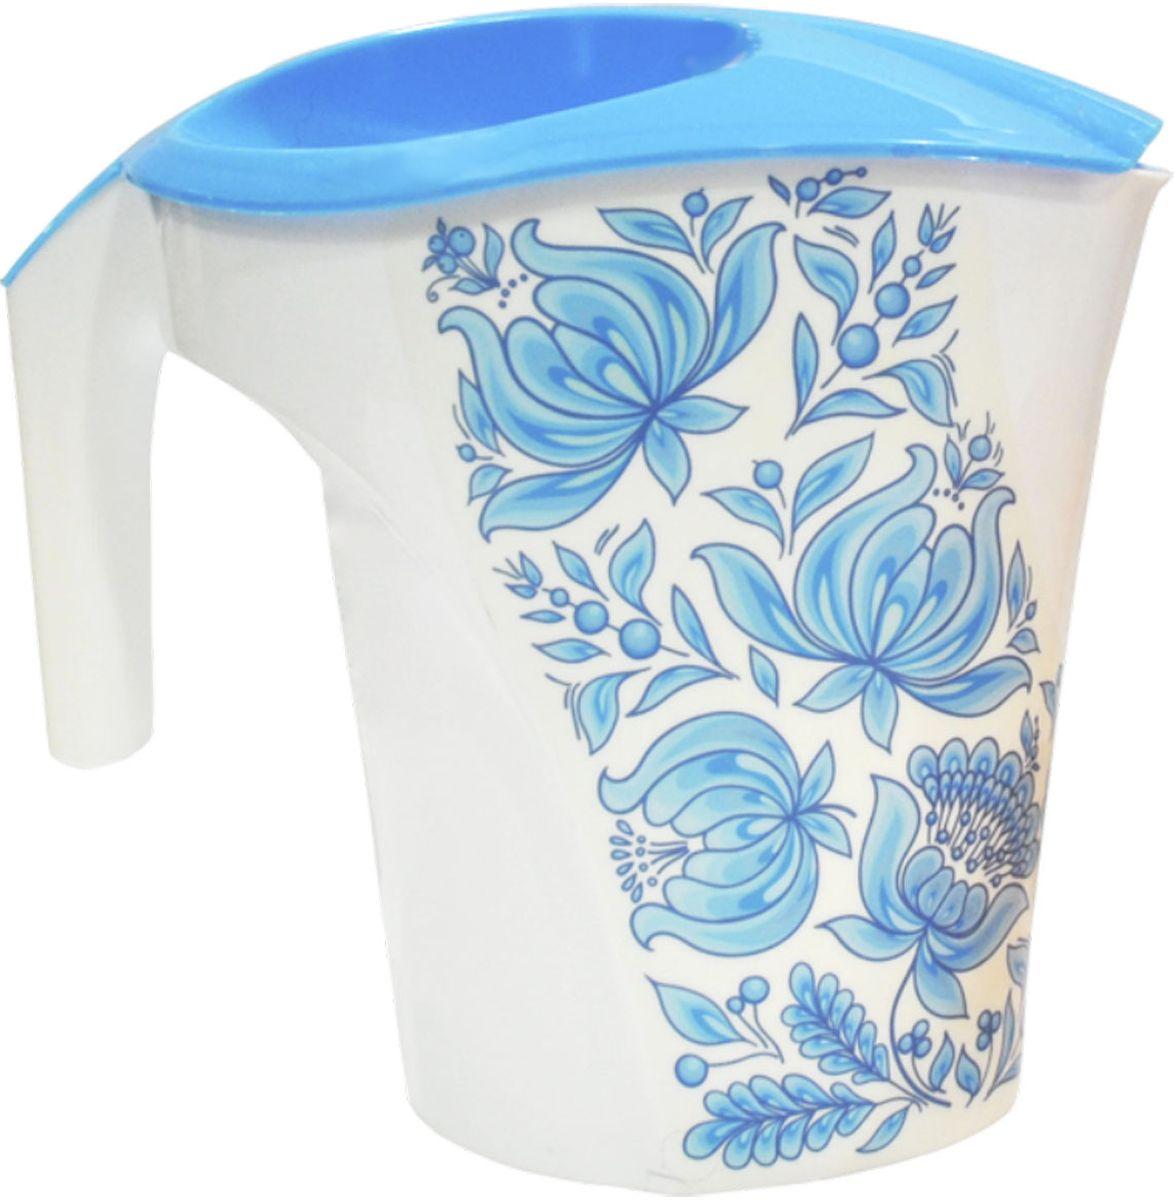 Кувшин Plastic Centre Цветы, цвет: голубой, белый, 3 лVT-1520(SR)Кувшин Plastic Centre Цветы идеально подойдет для дачи или загородного дома. В нем прекрасно подавать на стол прохладительные напитки, воду и соки.Объем кувшина: 3 л.Высота кувшина: 23,5 см.